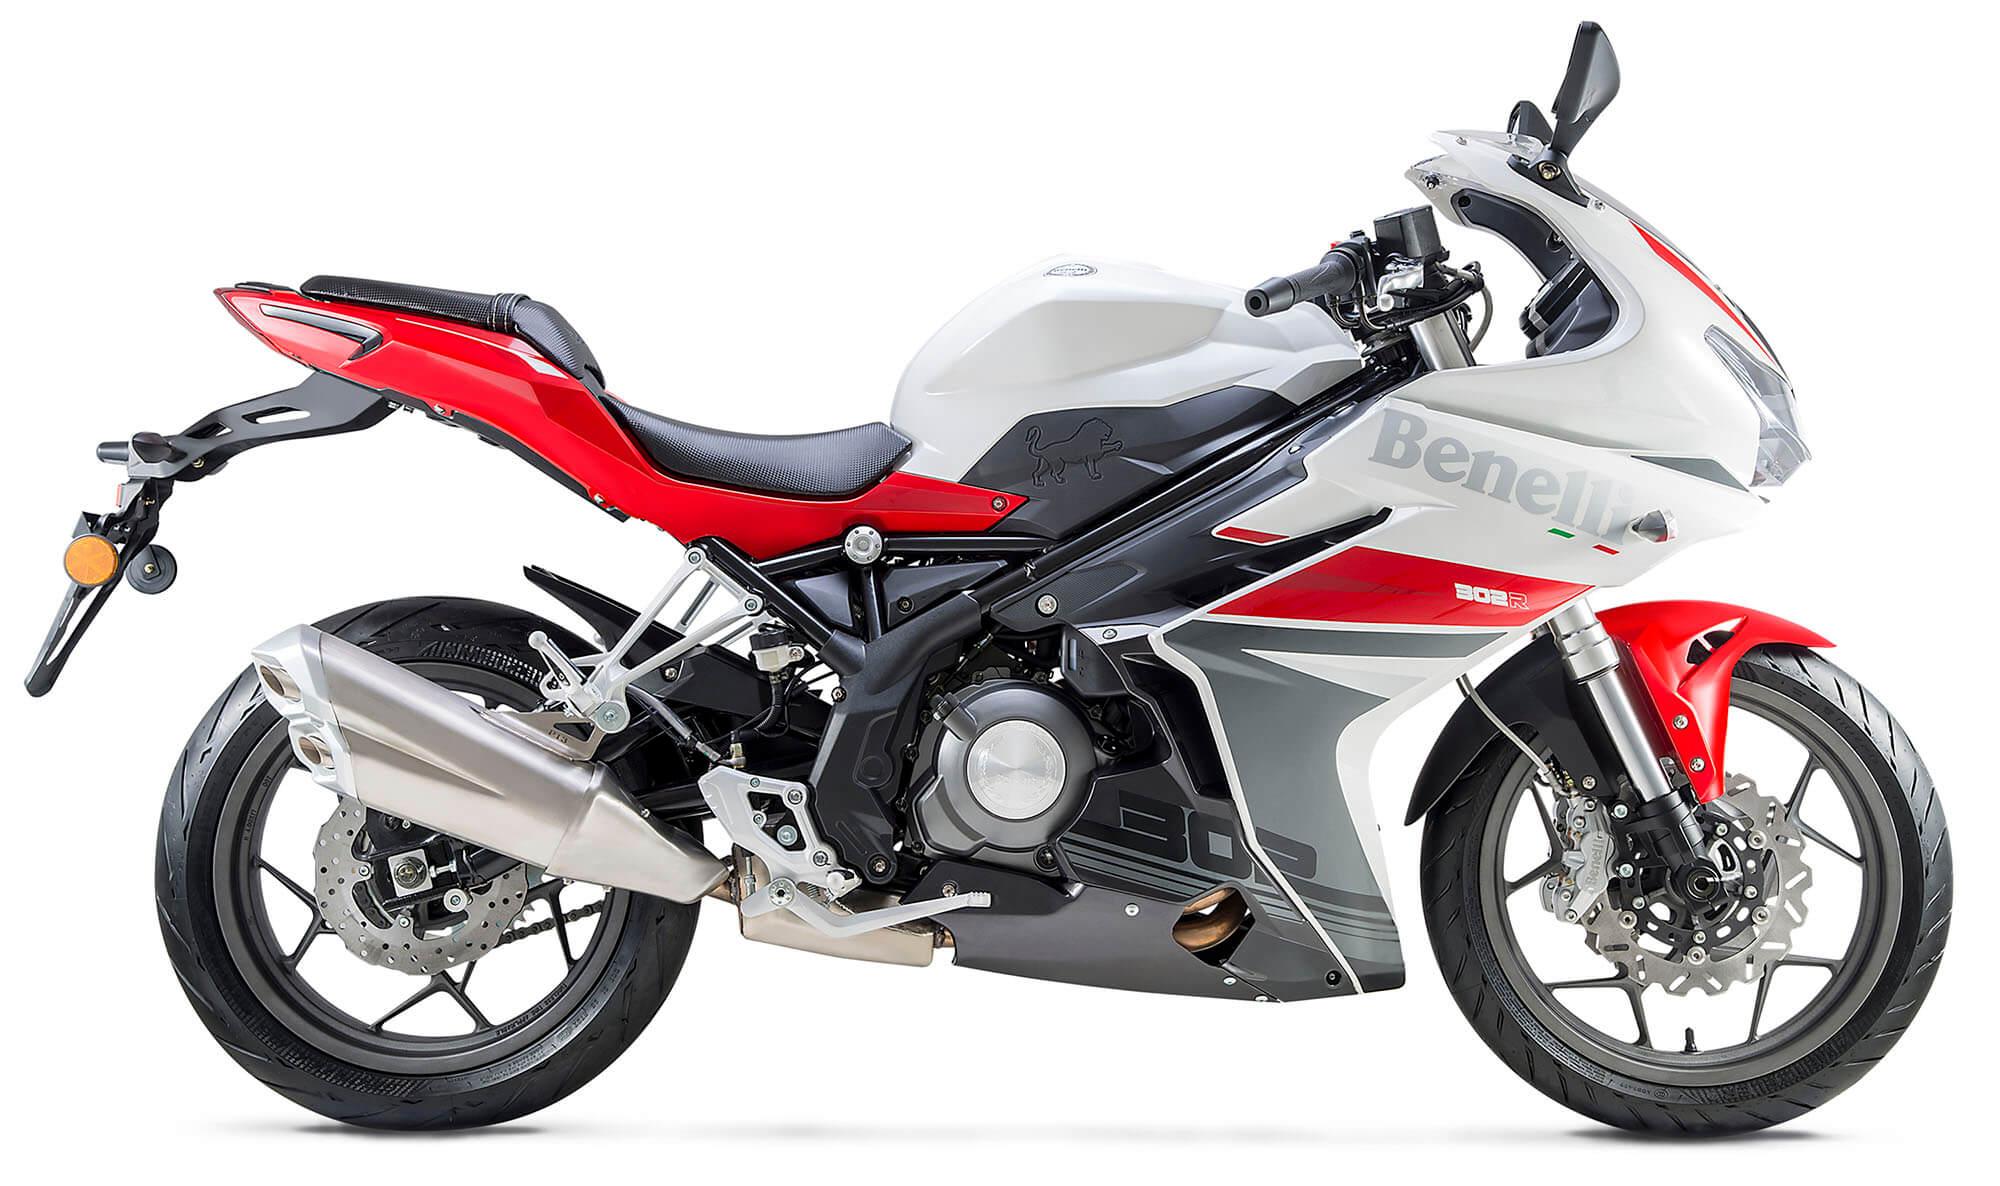 comprar-motos-benelli-bn-302-r-rojo-motissimo-barcelona